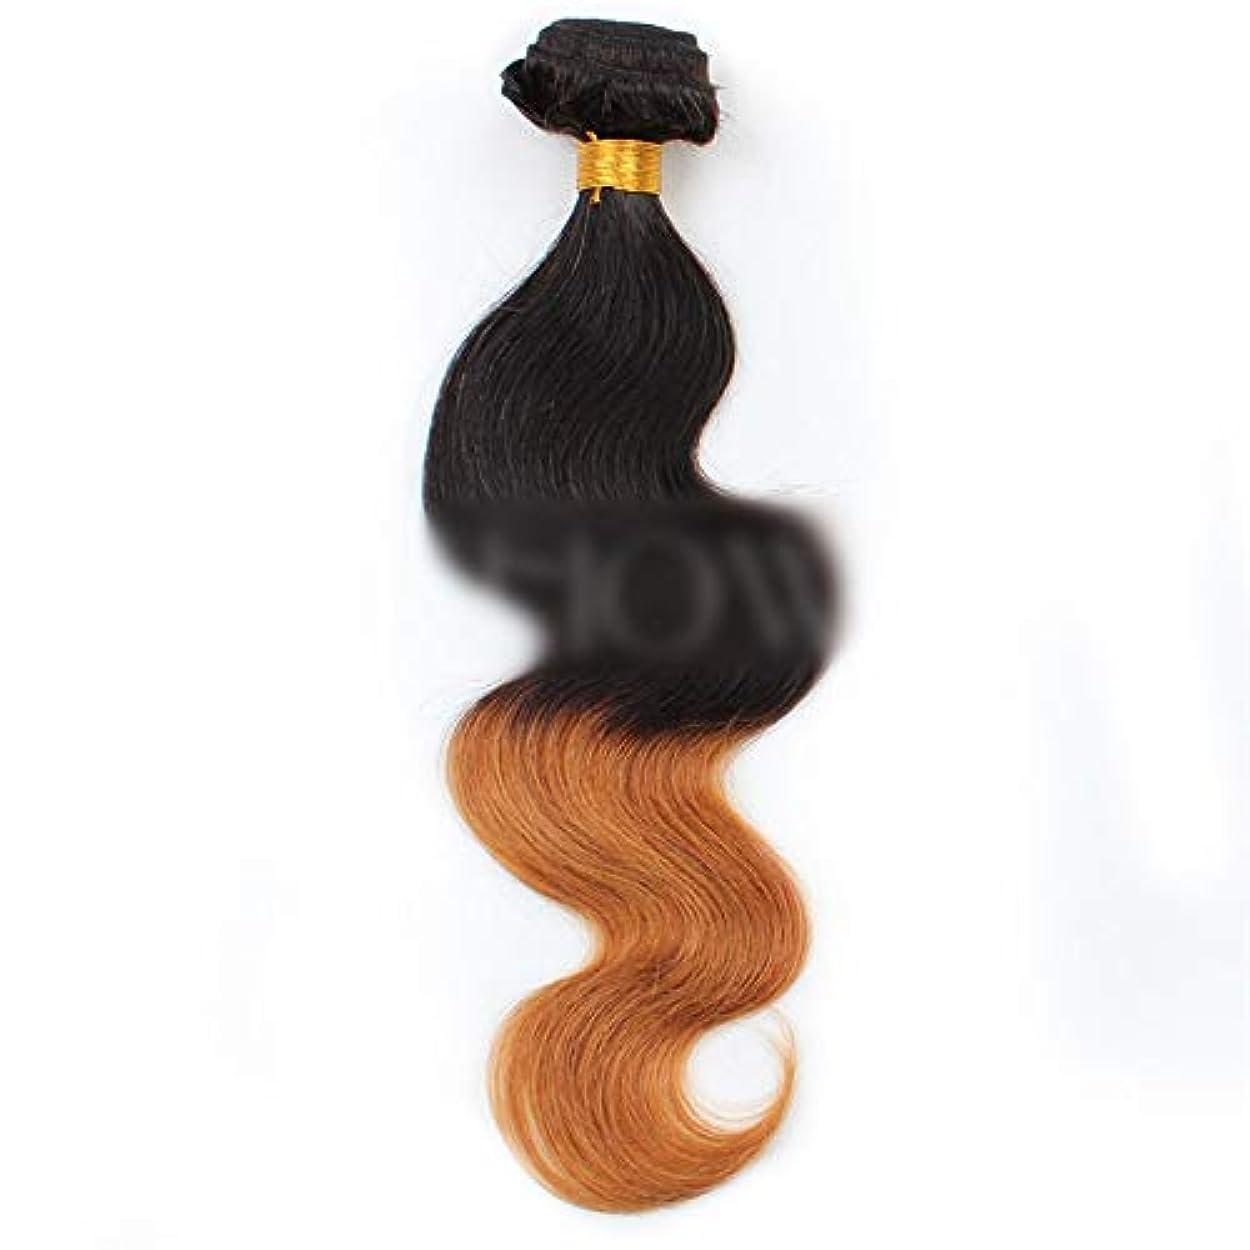 バンガロー分散優しさHOHYLLYA ブラジルの人間の髪の毛のボディ織り方ヘアエクステンション-1B / 30#黒から茶色へのグラデーショングラデーションカラー髪の織り方1バンドル、100g合成髪レースかつらロールプレイングかつら長くて短い...